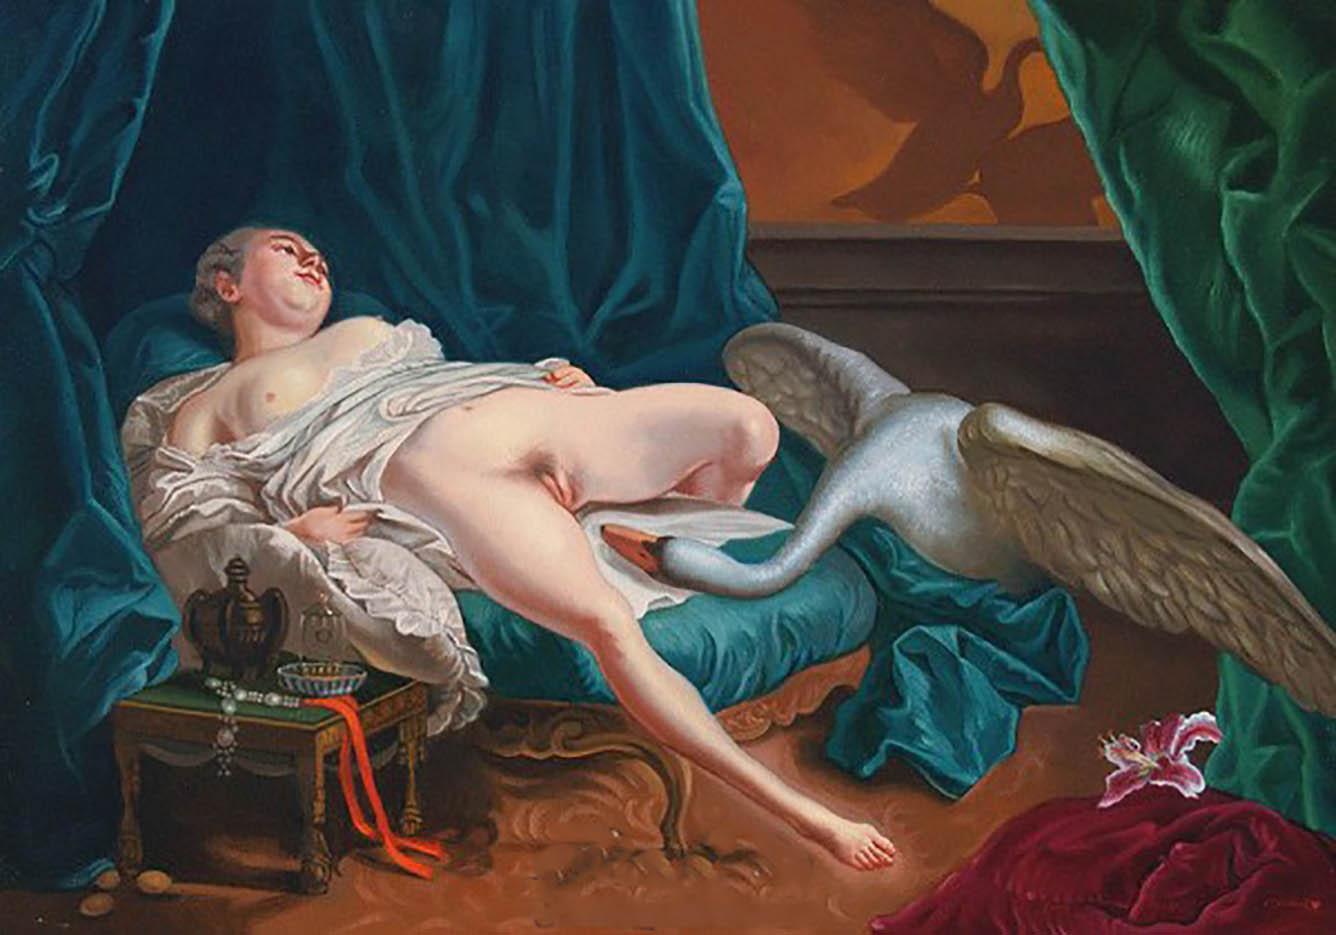 Teengirl darius erotic painter sexy